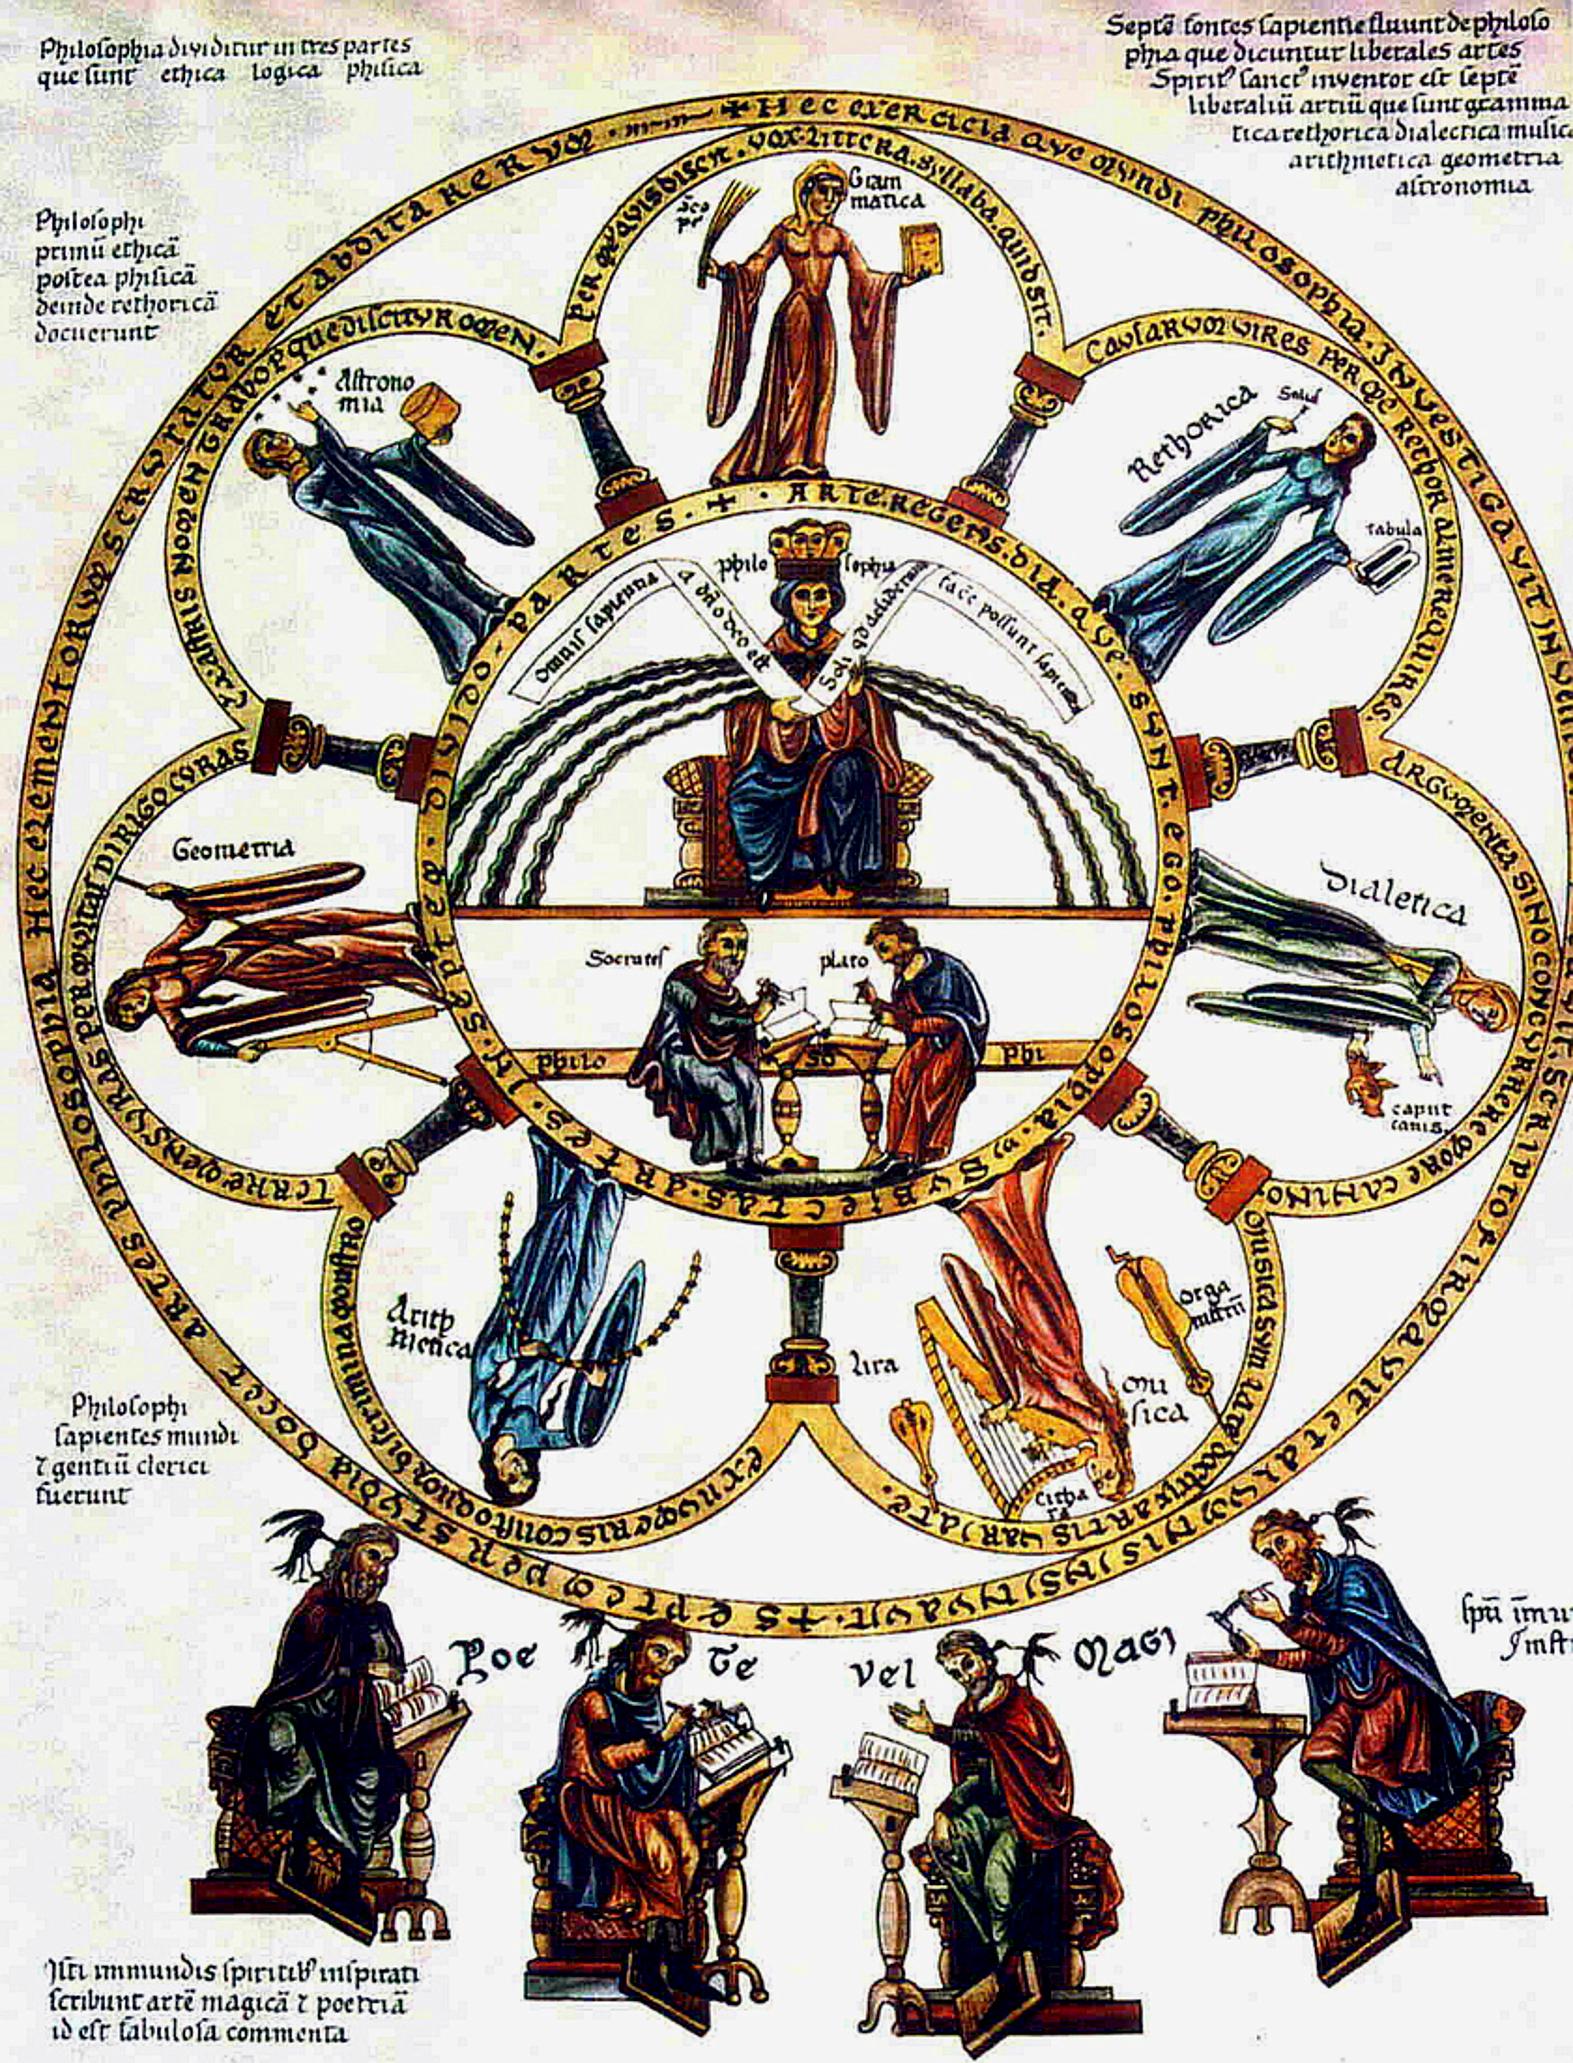 I. 1. Egyetemek és akadémiák a késői középkorban és a korai újkorban (Balázs Mihály)